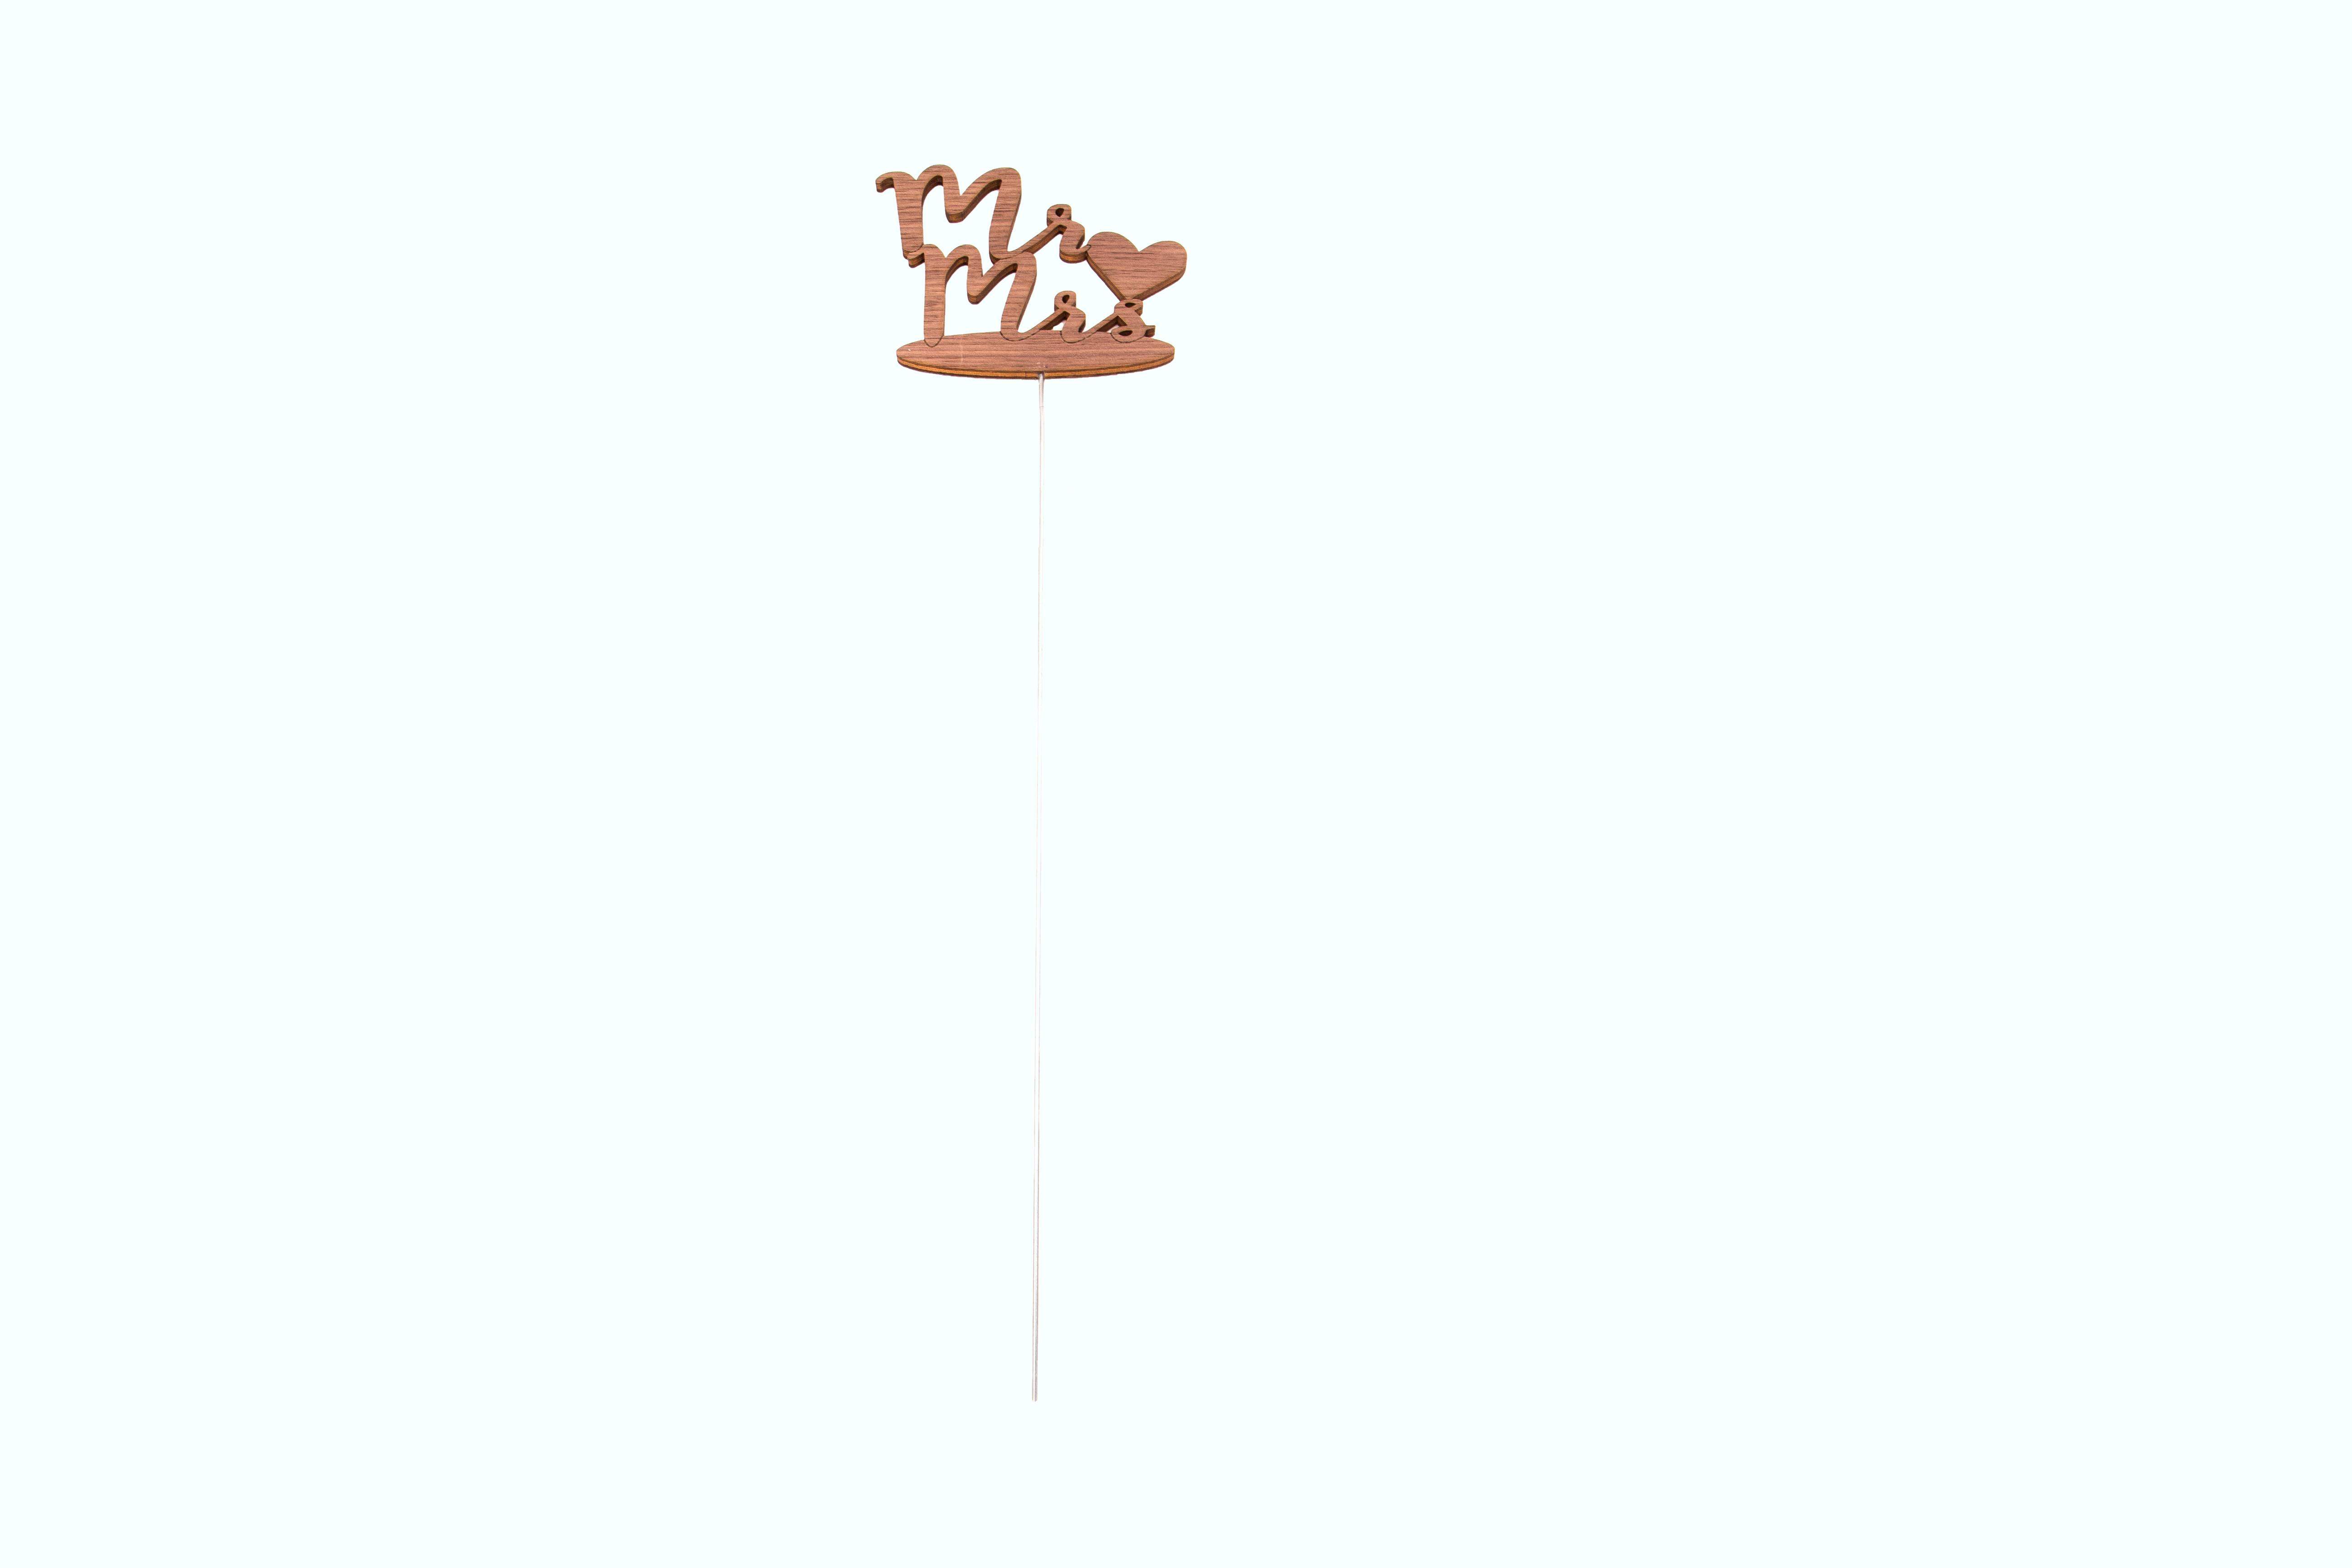 """Pflanzenstecker/Blumenstecker Schriftzug """"Mr & Mrs"""" aus Holz, 43x12,5 cm"""